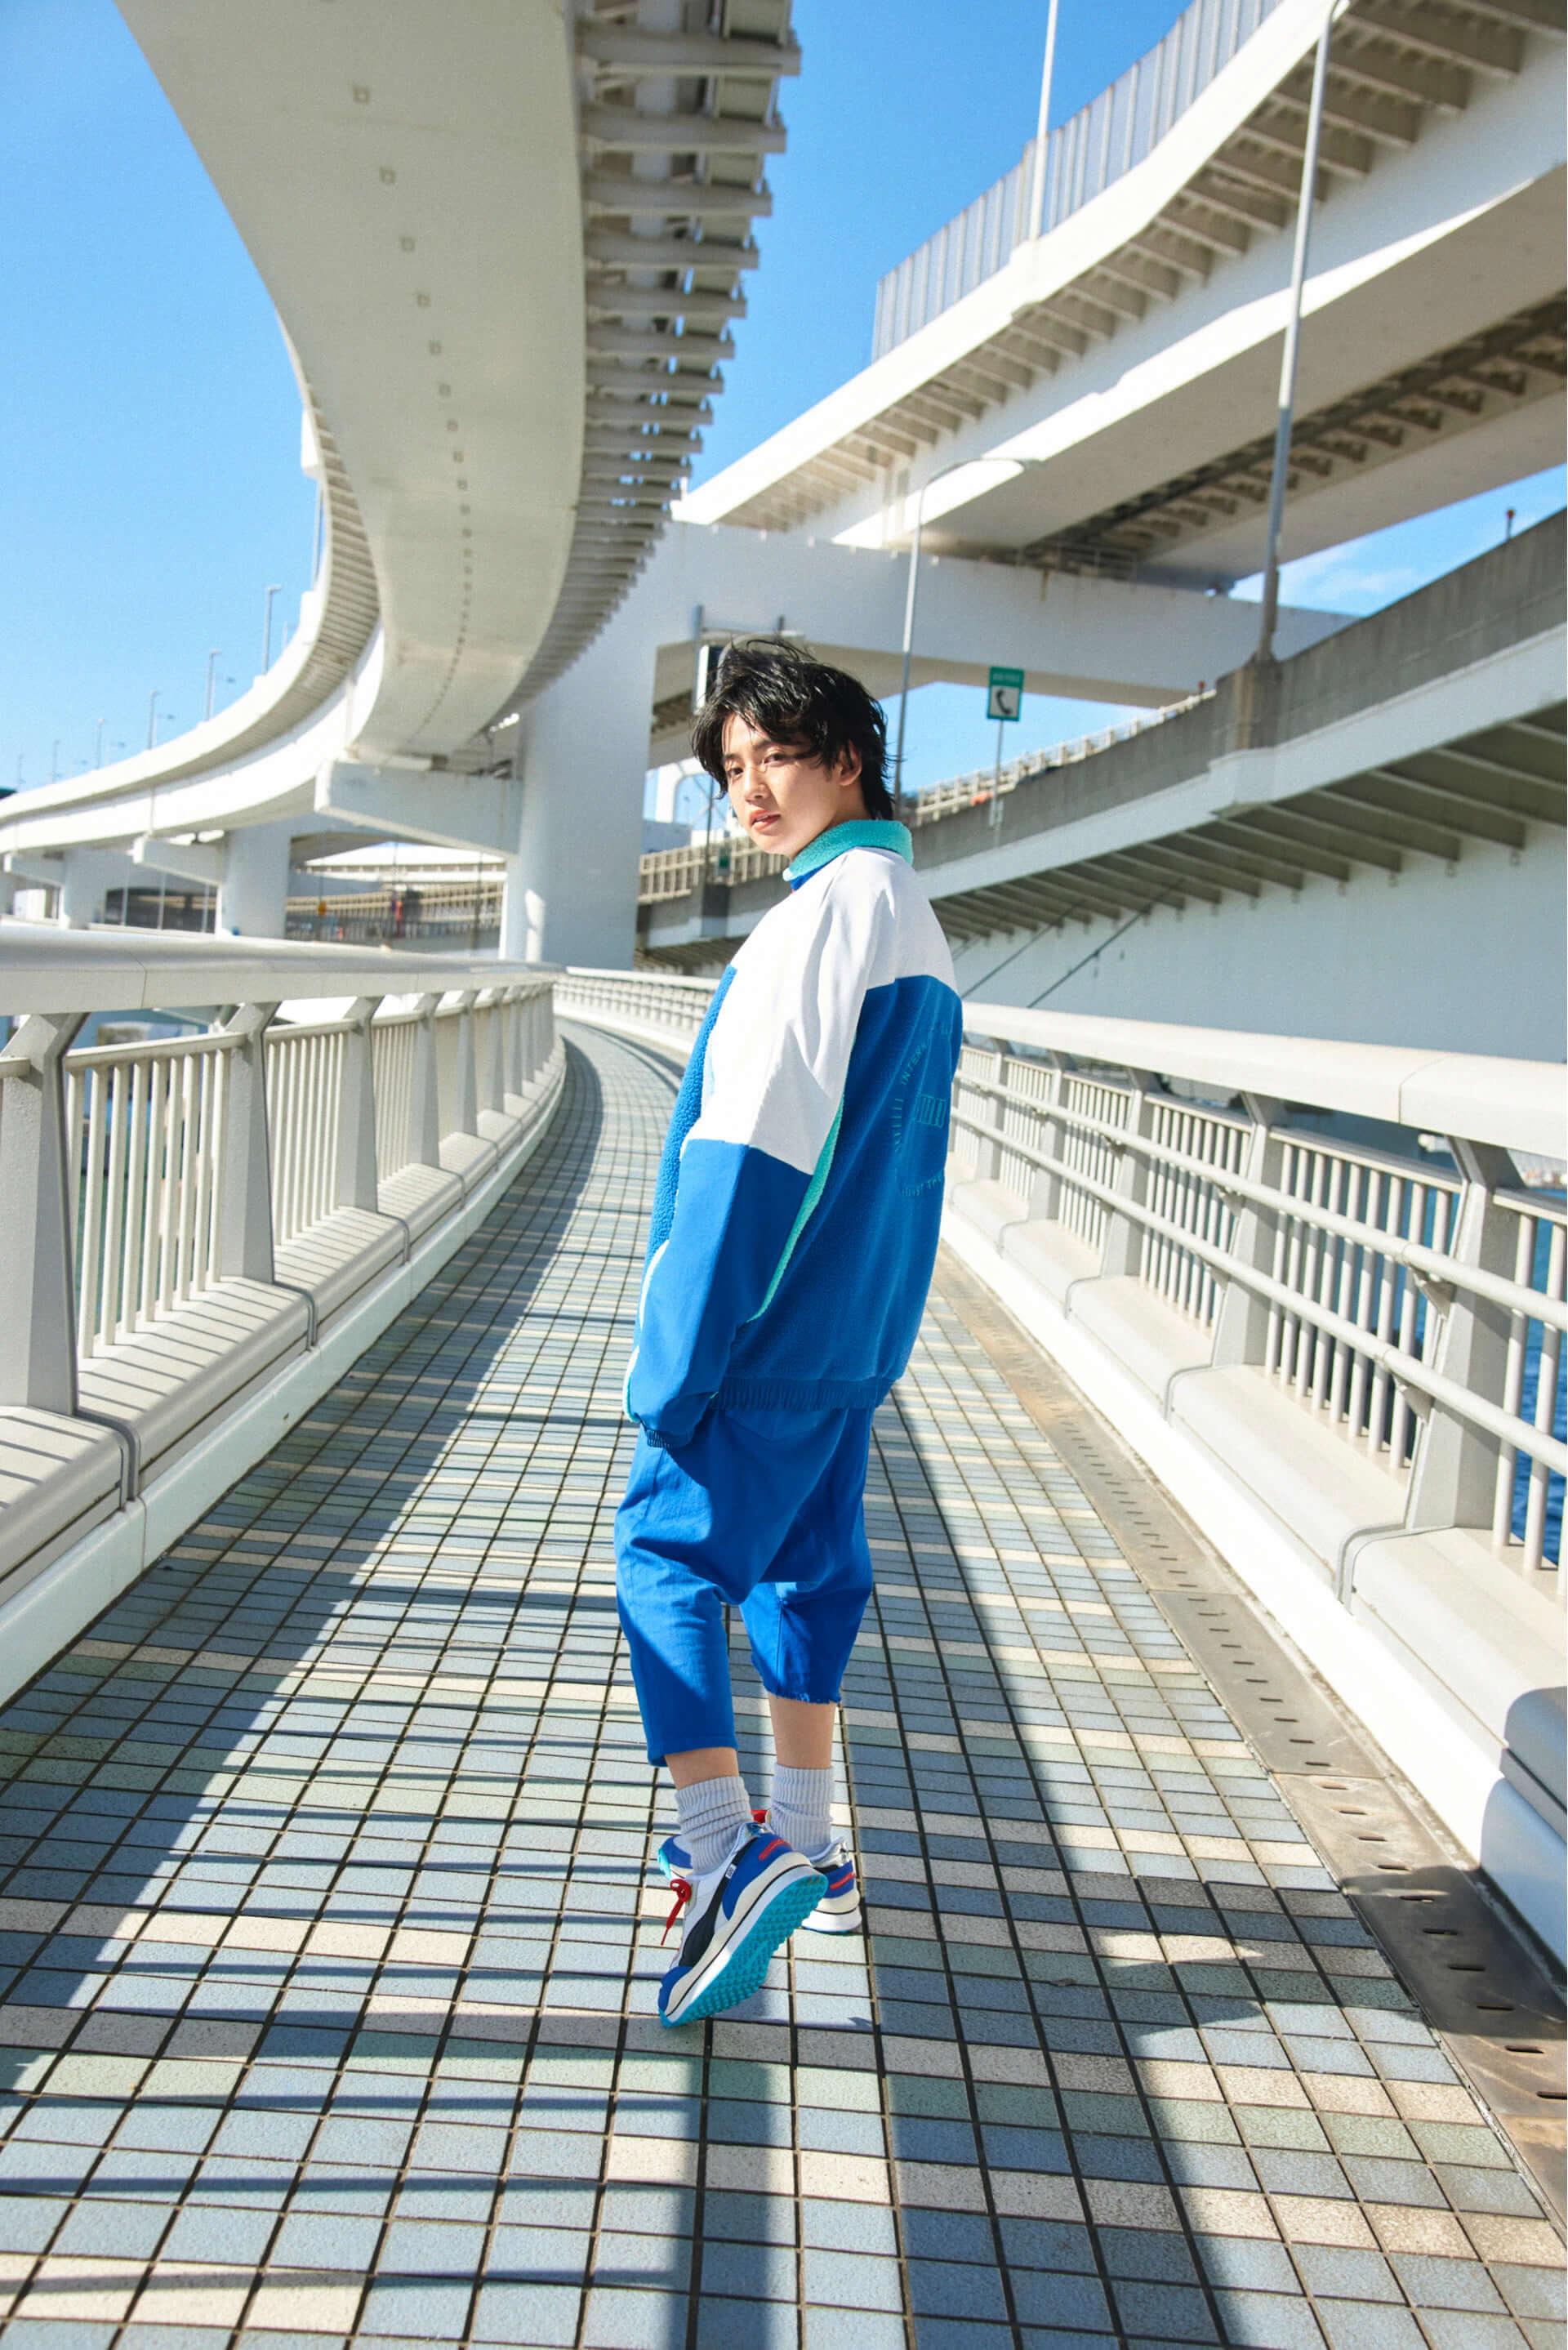 若手個性派俳優ゆうたろうがPUMA最新モデルを履きこなす!RIDE ONスペシャルサイトが公開中 life_fashion191211_puma_3-1920x2877